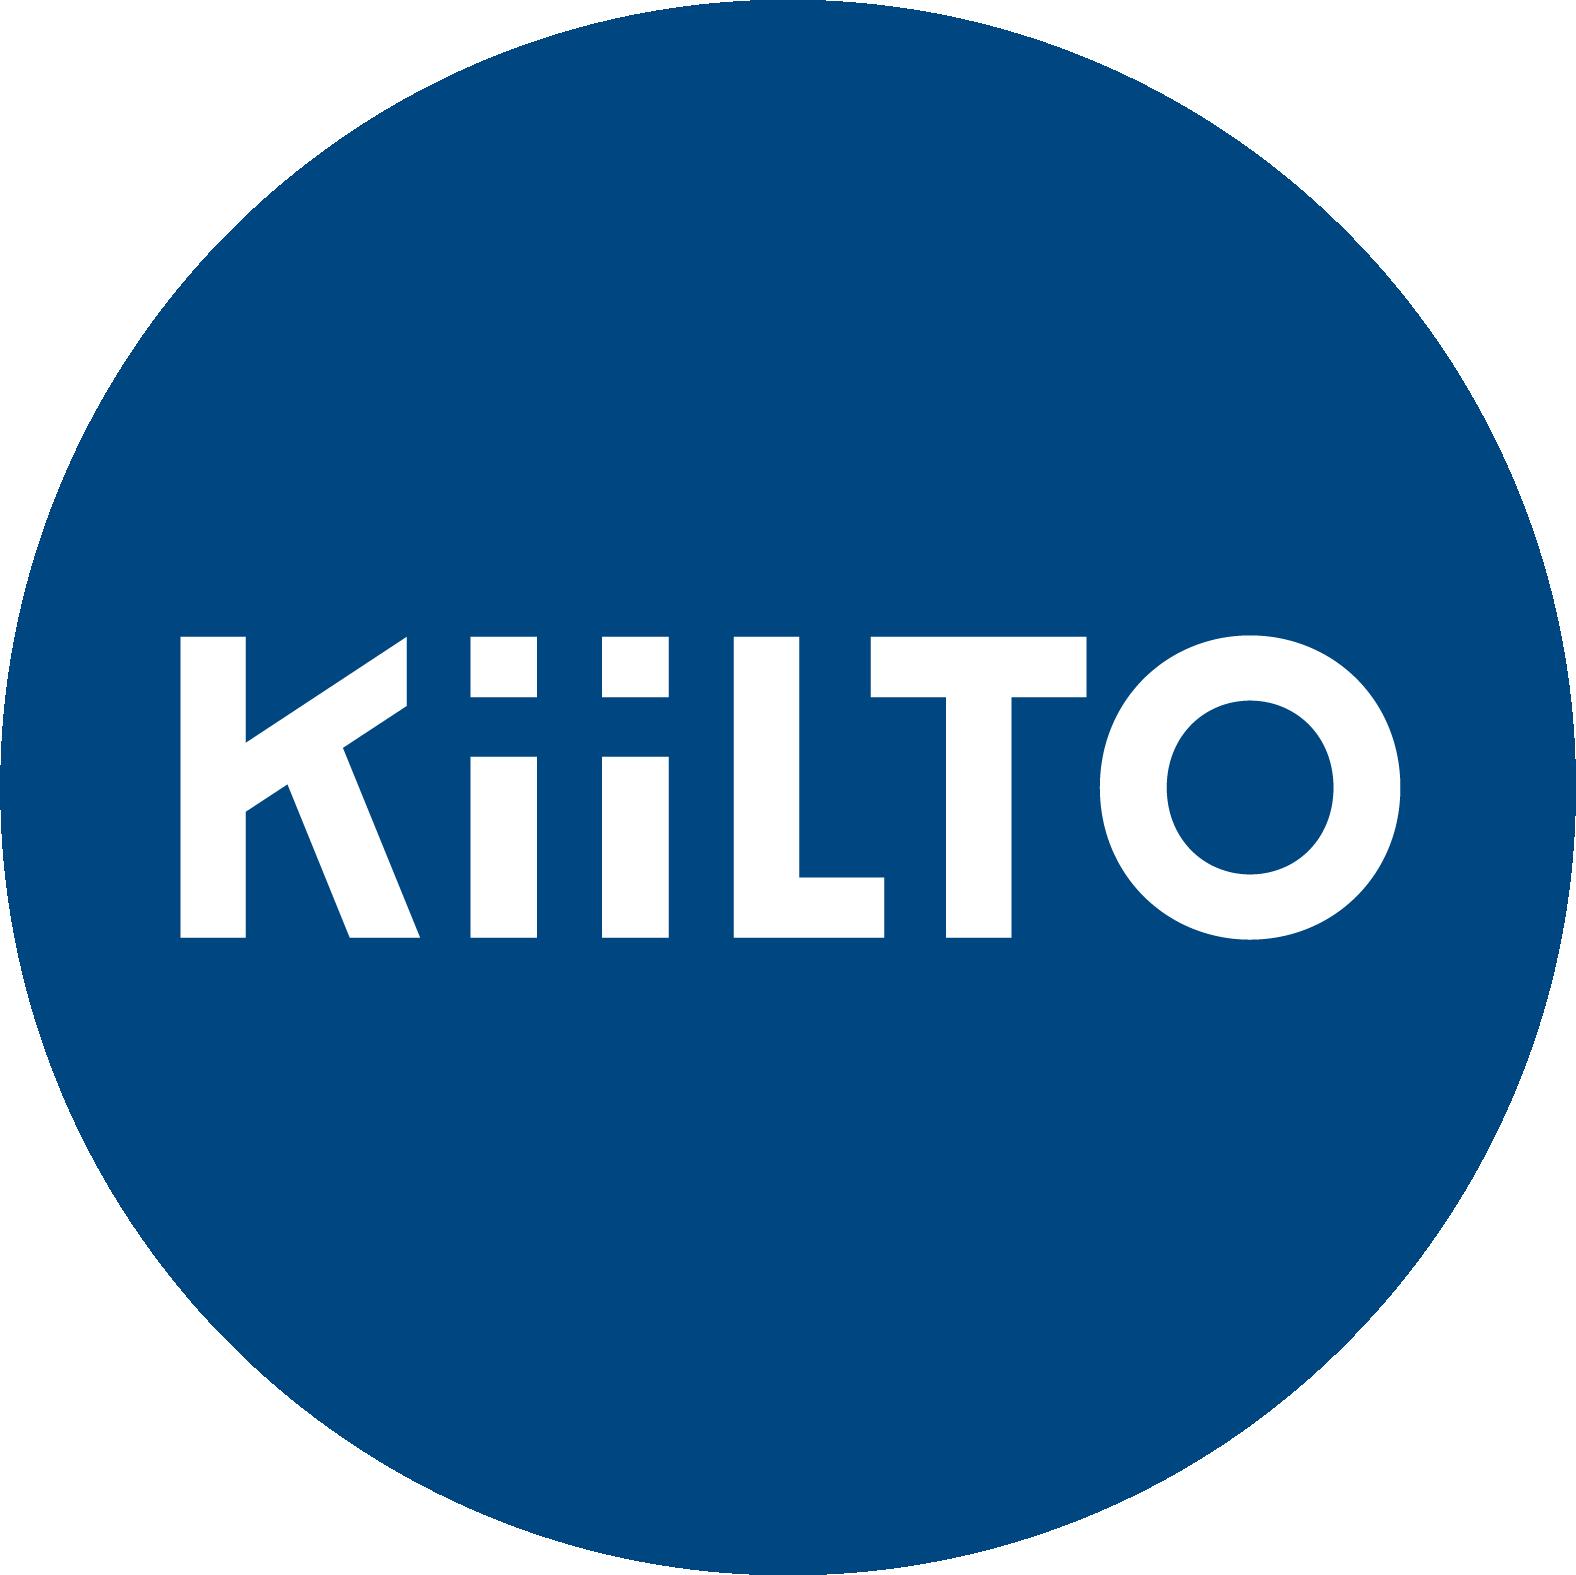 KIILTO_MASTER_LOGO_BLUE_RGB